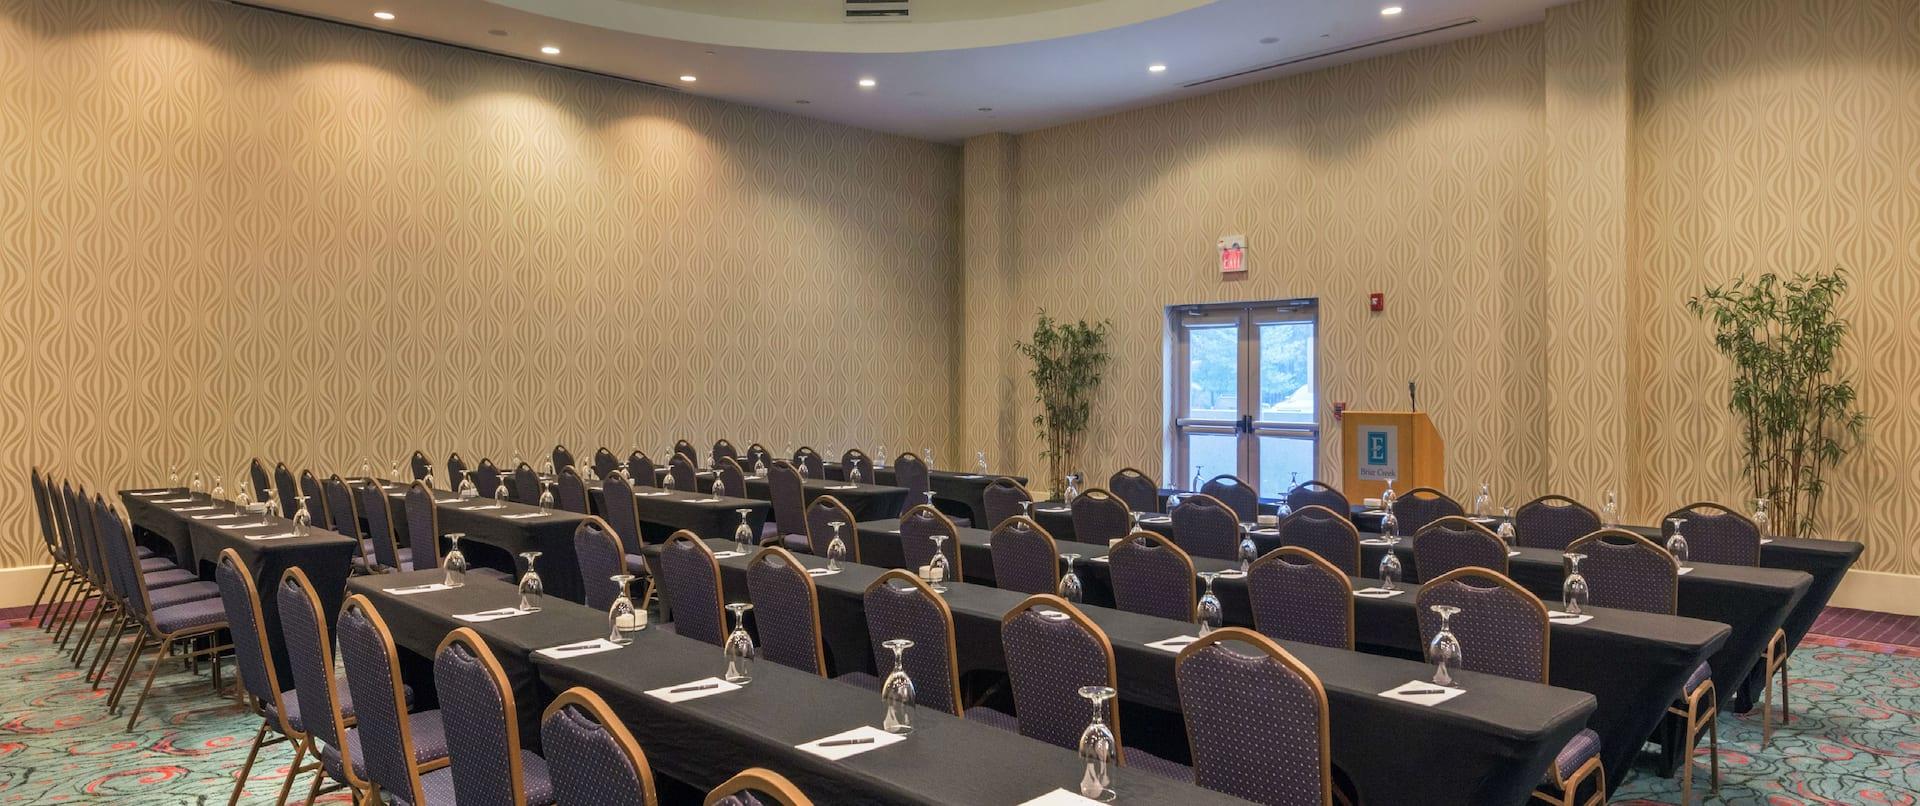 Meeting Classroom Set Up 2